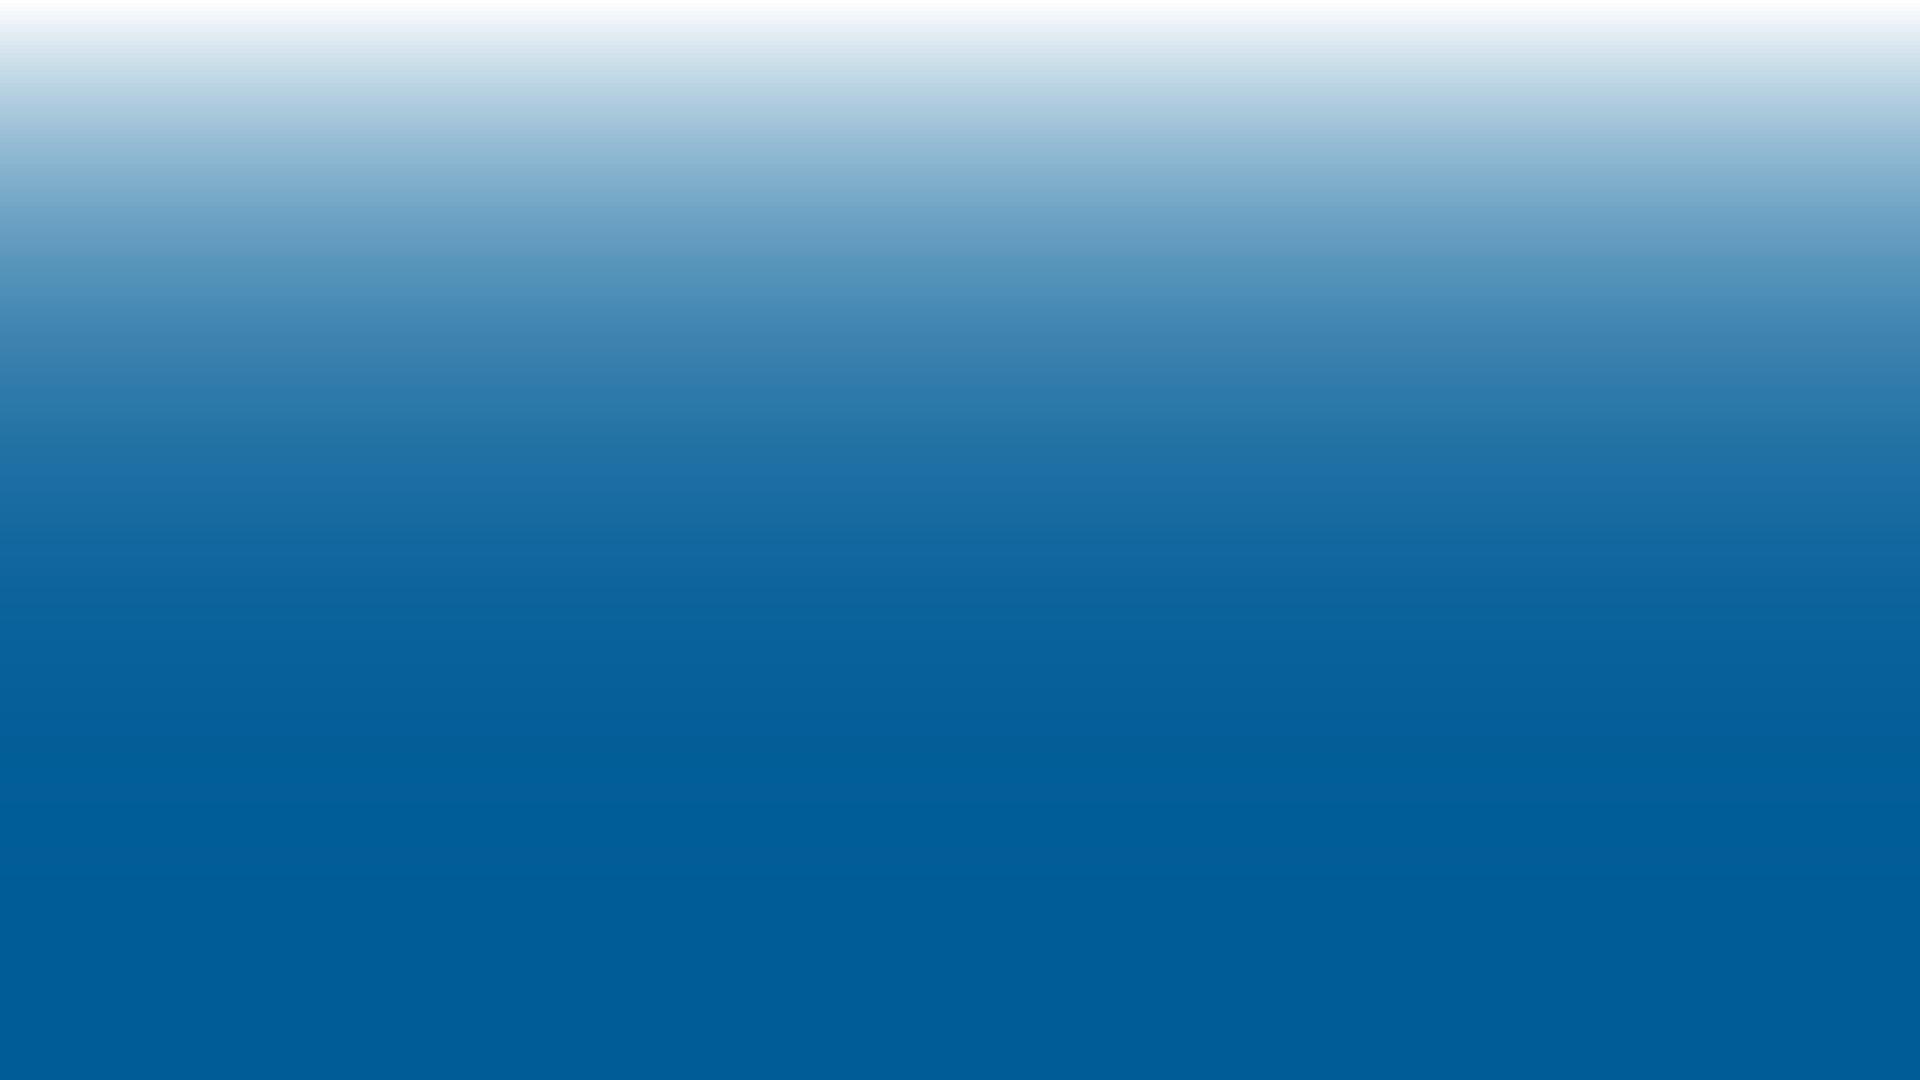 Website-Gradient-Block-DarkBlue.png